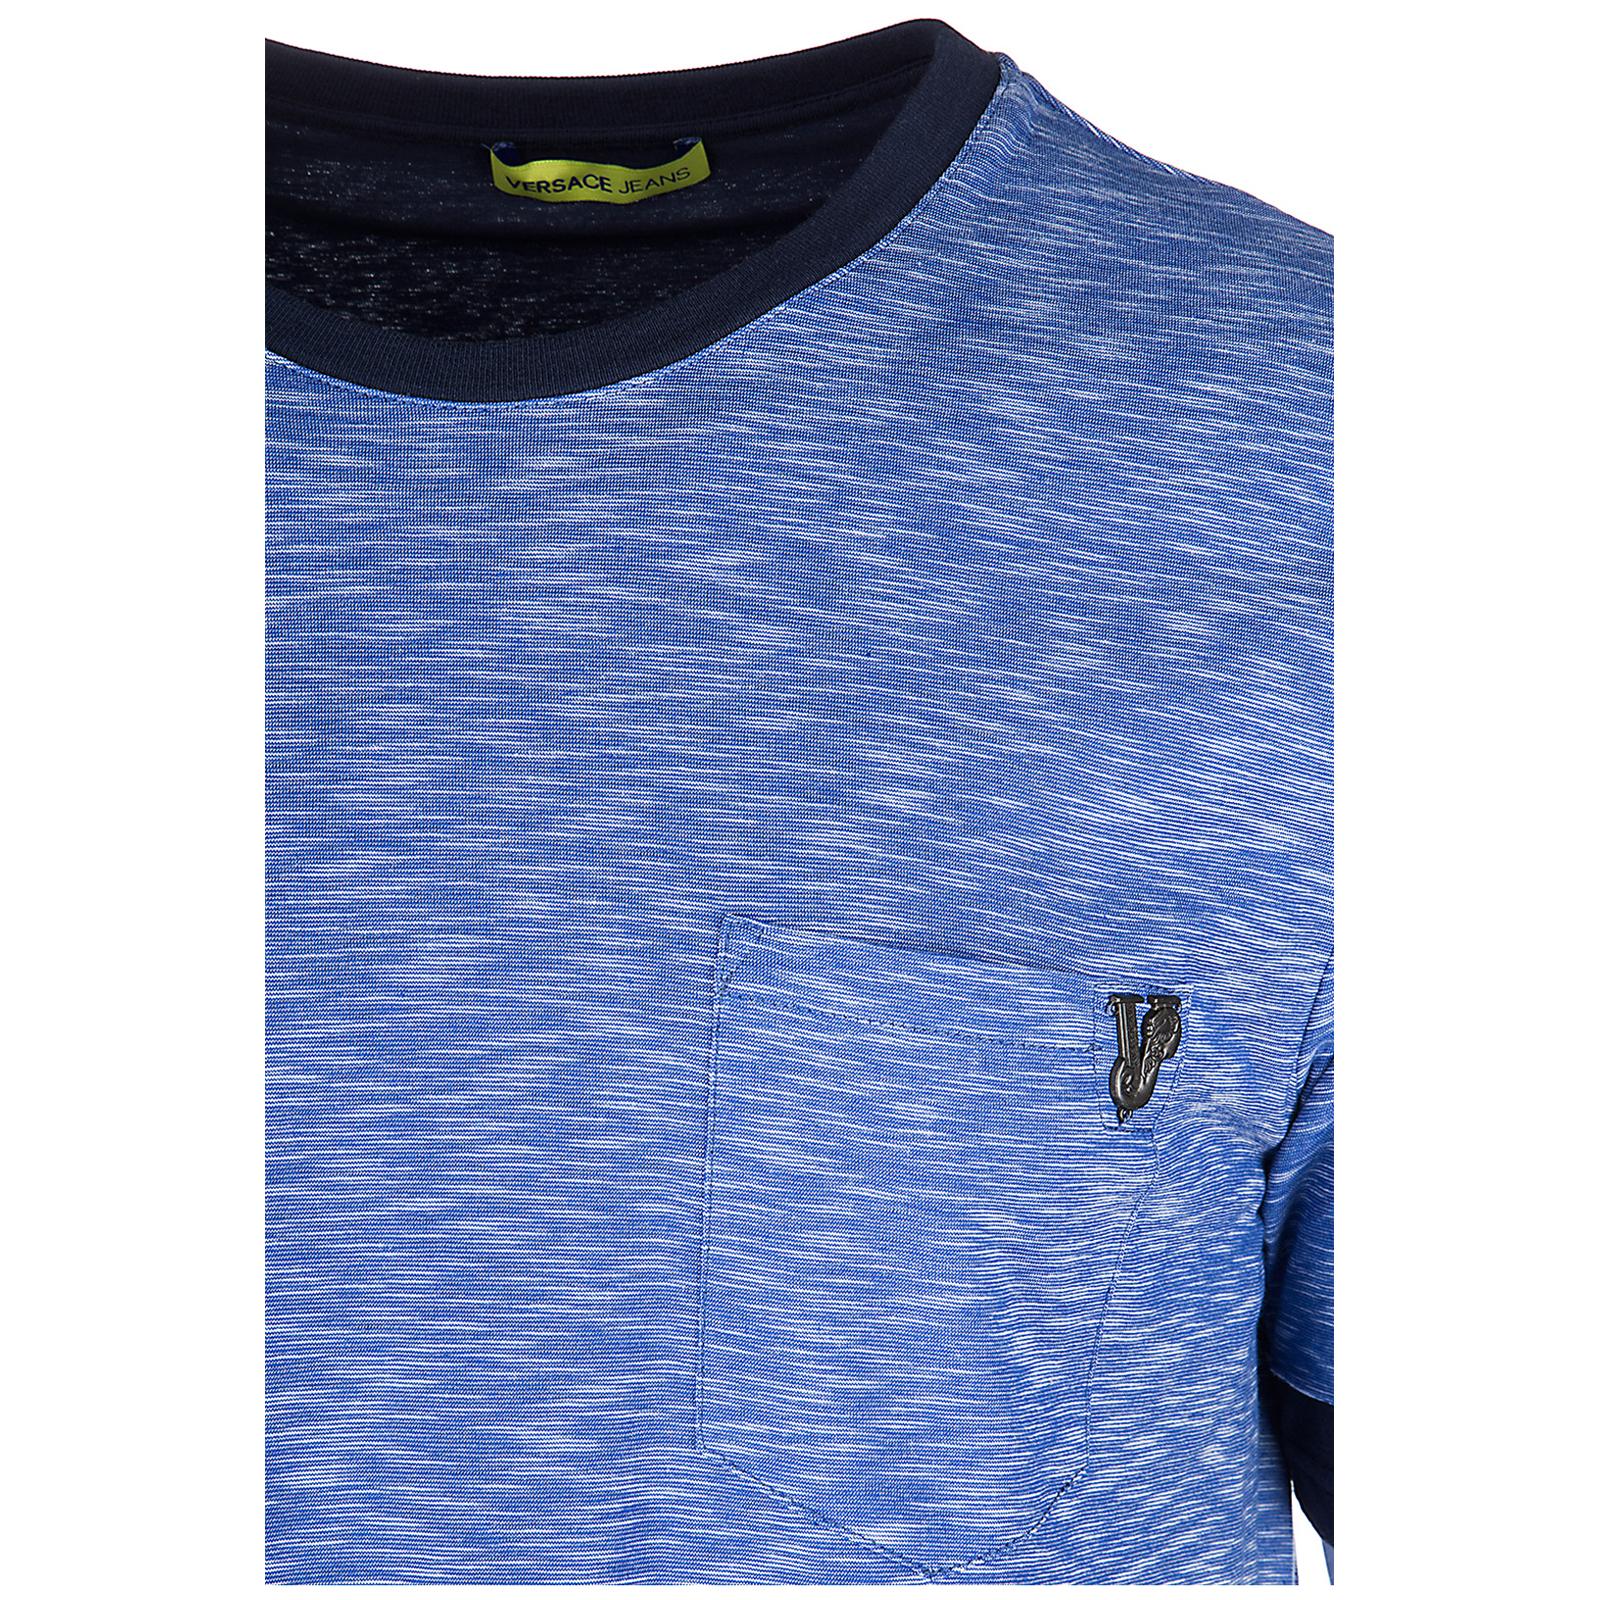 Herren t-shirt kurzarm kurzarmshirt runder kragen jersey regular flame funaki